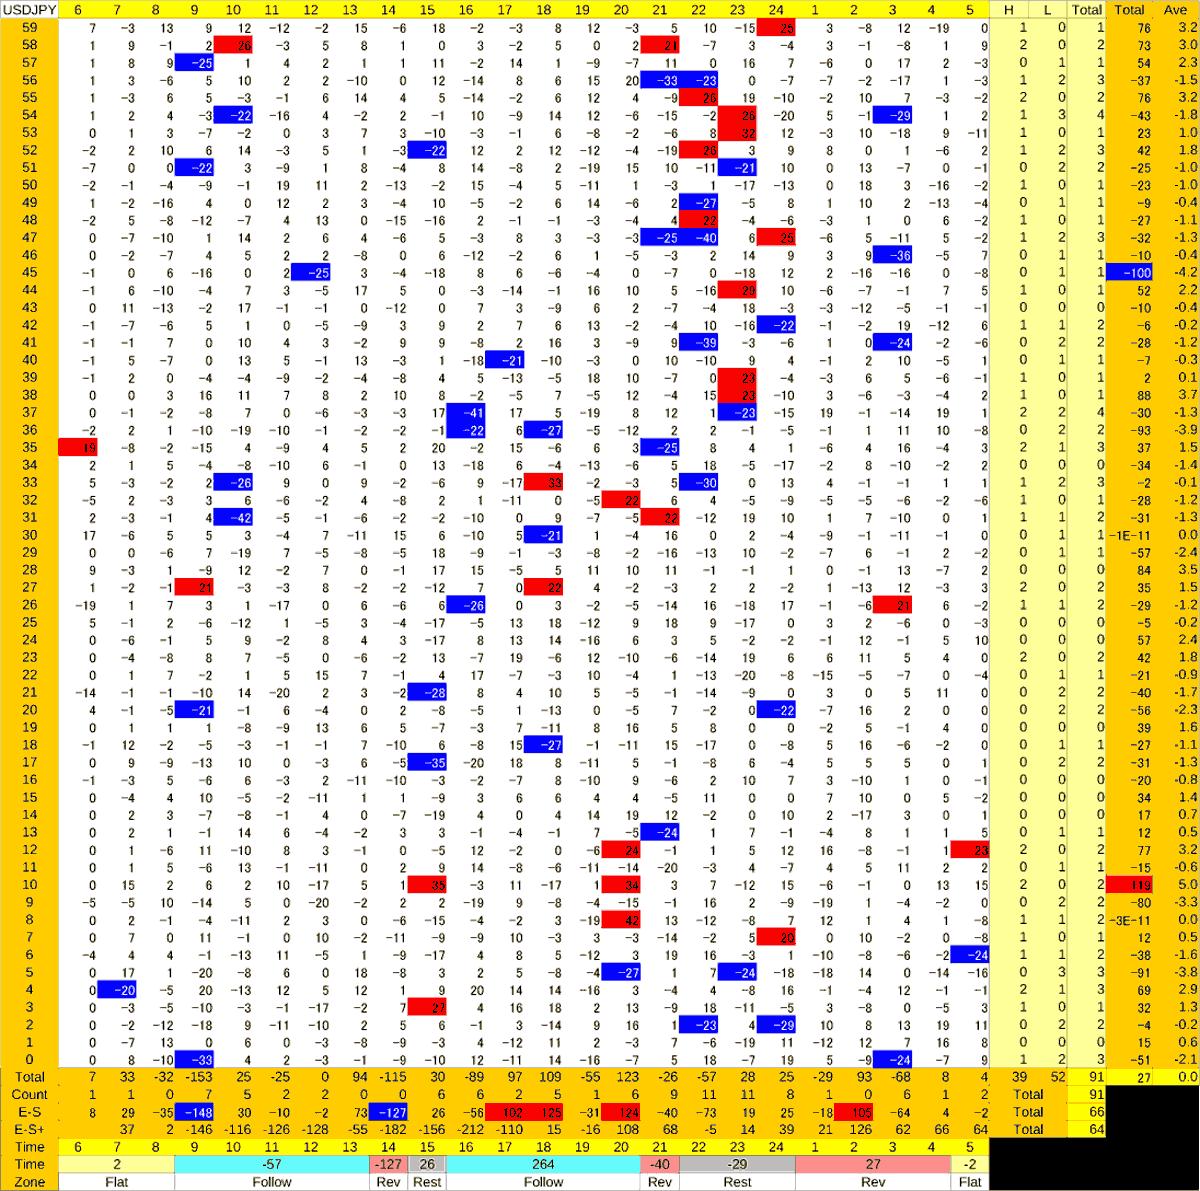 20200813_HS(1)USDJPY